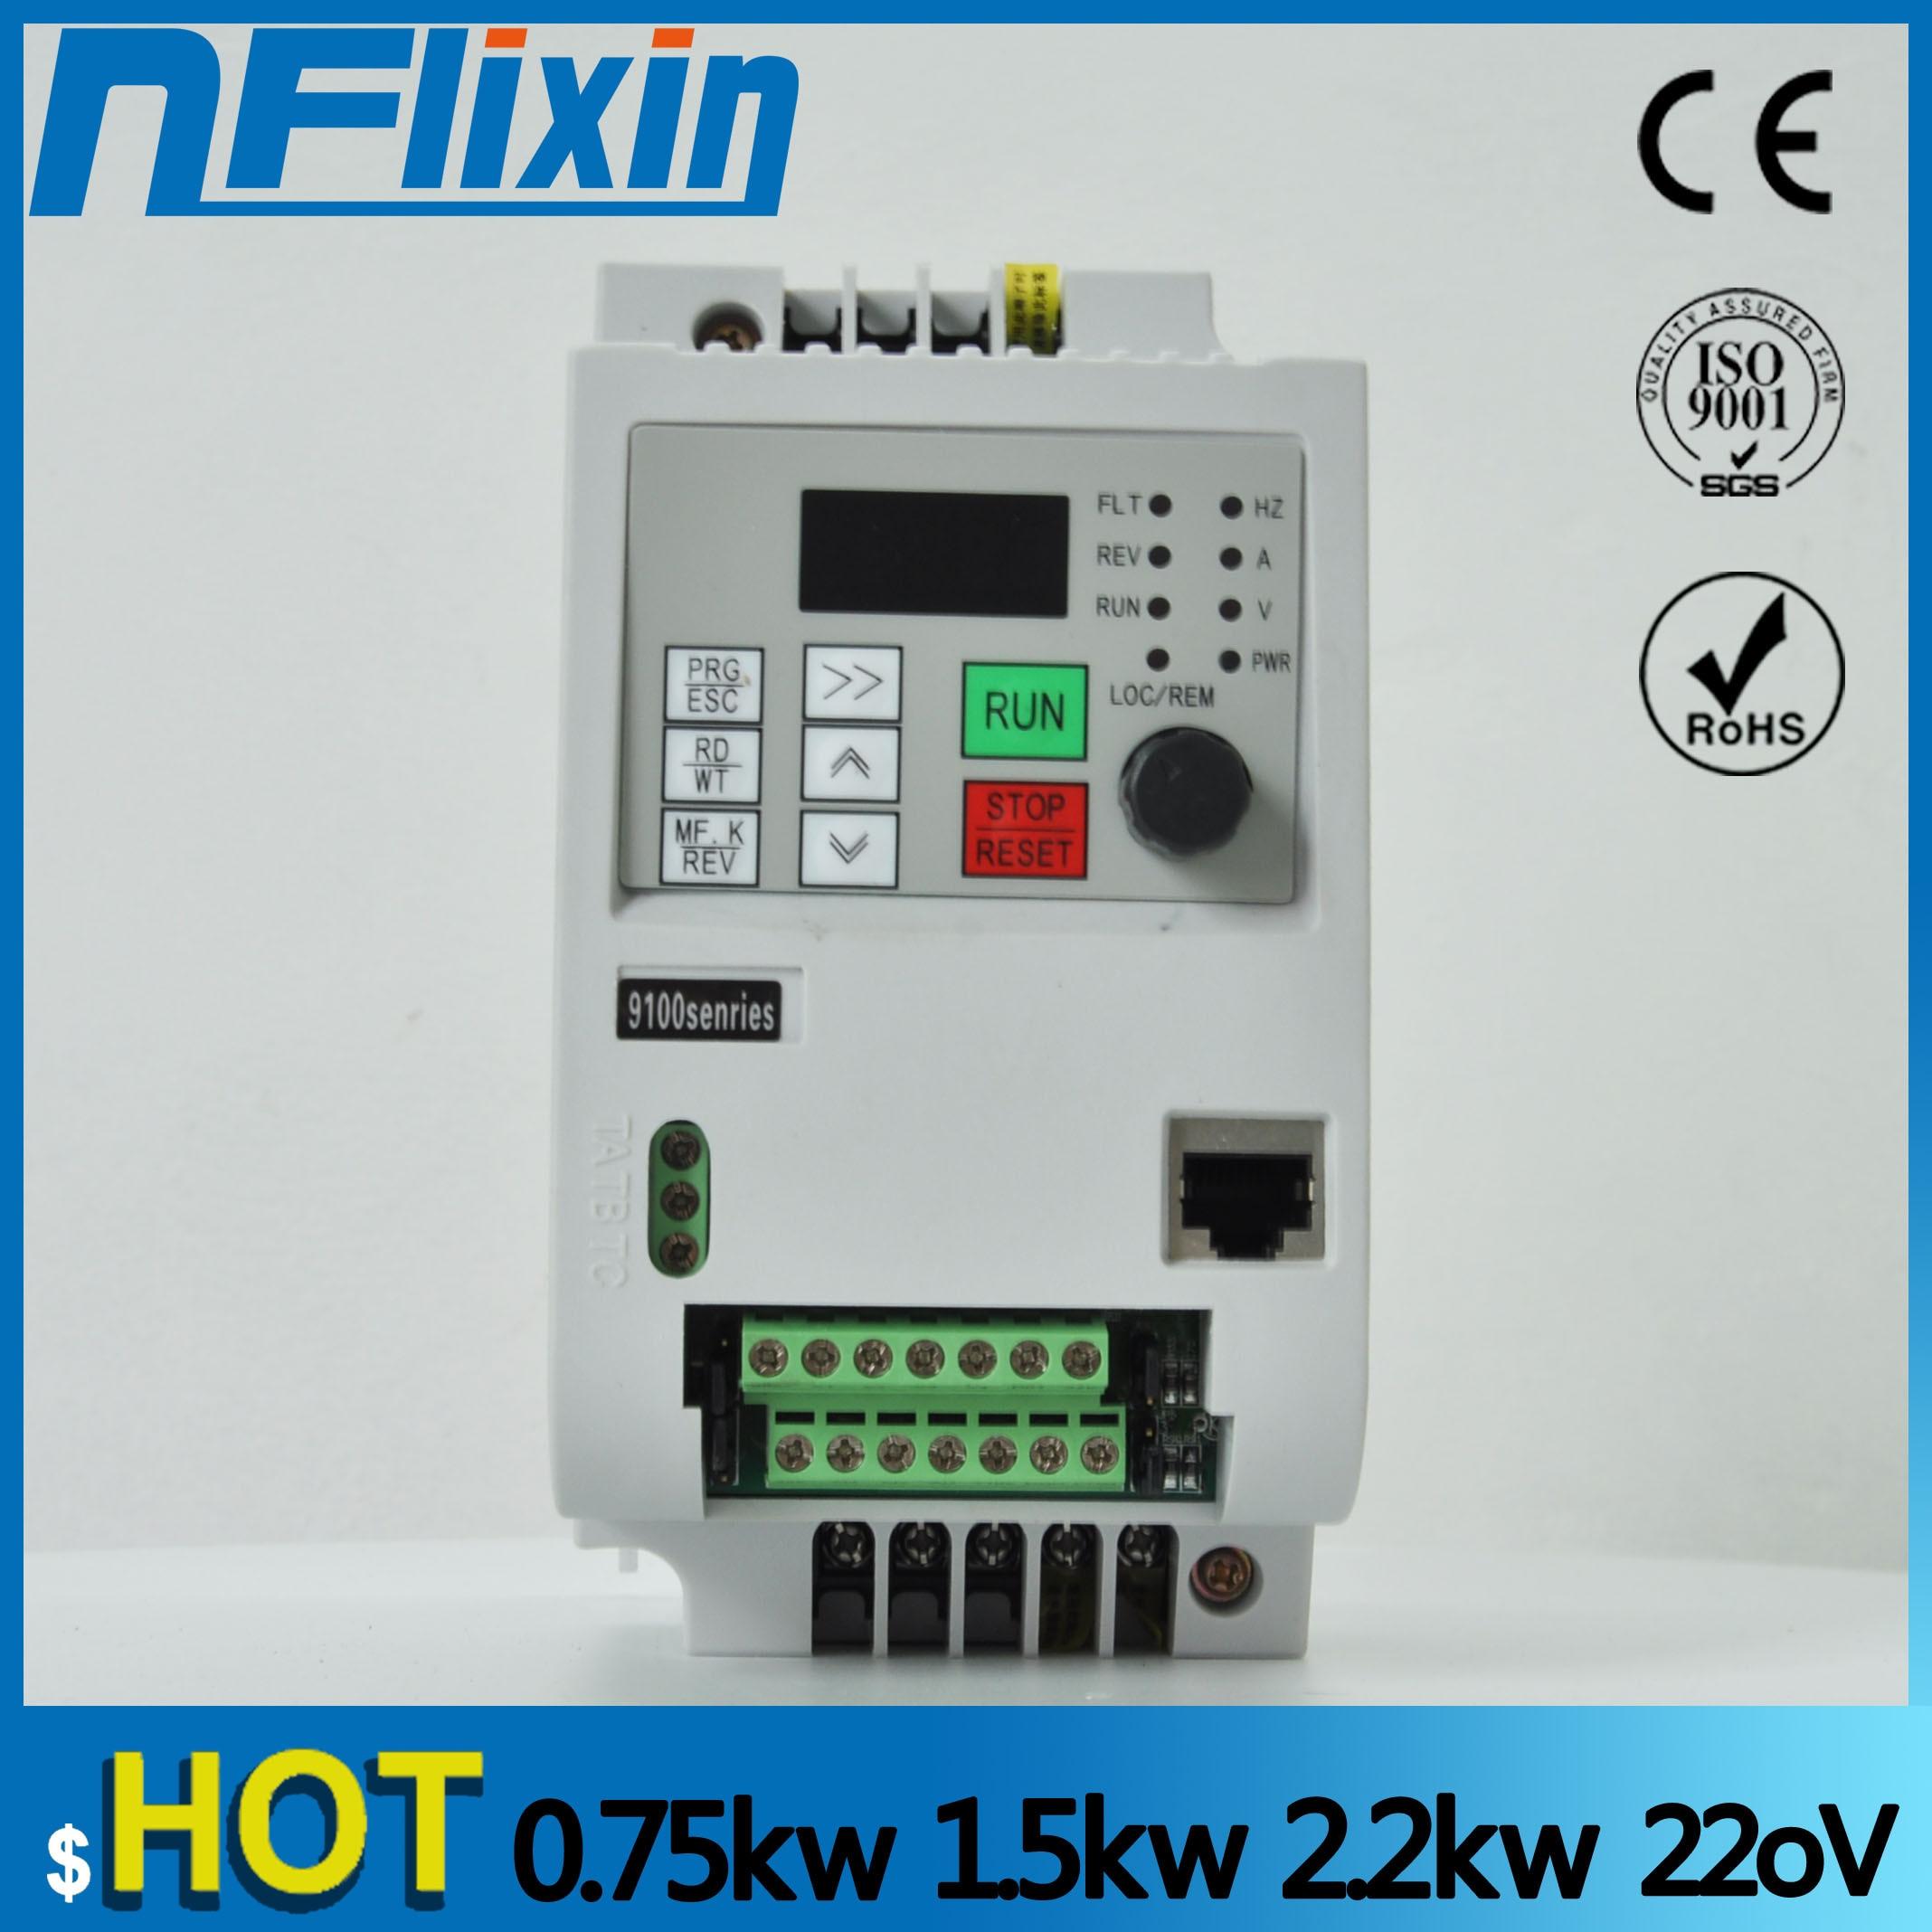 شحن مجاني تردد تحويل 0.75kw 2.2kw 4kw 220V 1 المرحلة المدخلات VFD التردد العاكس